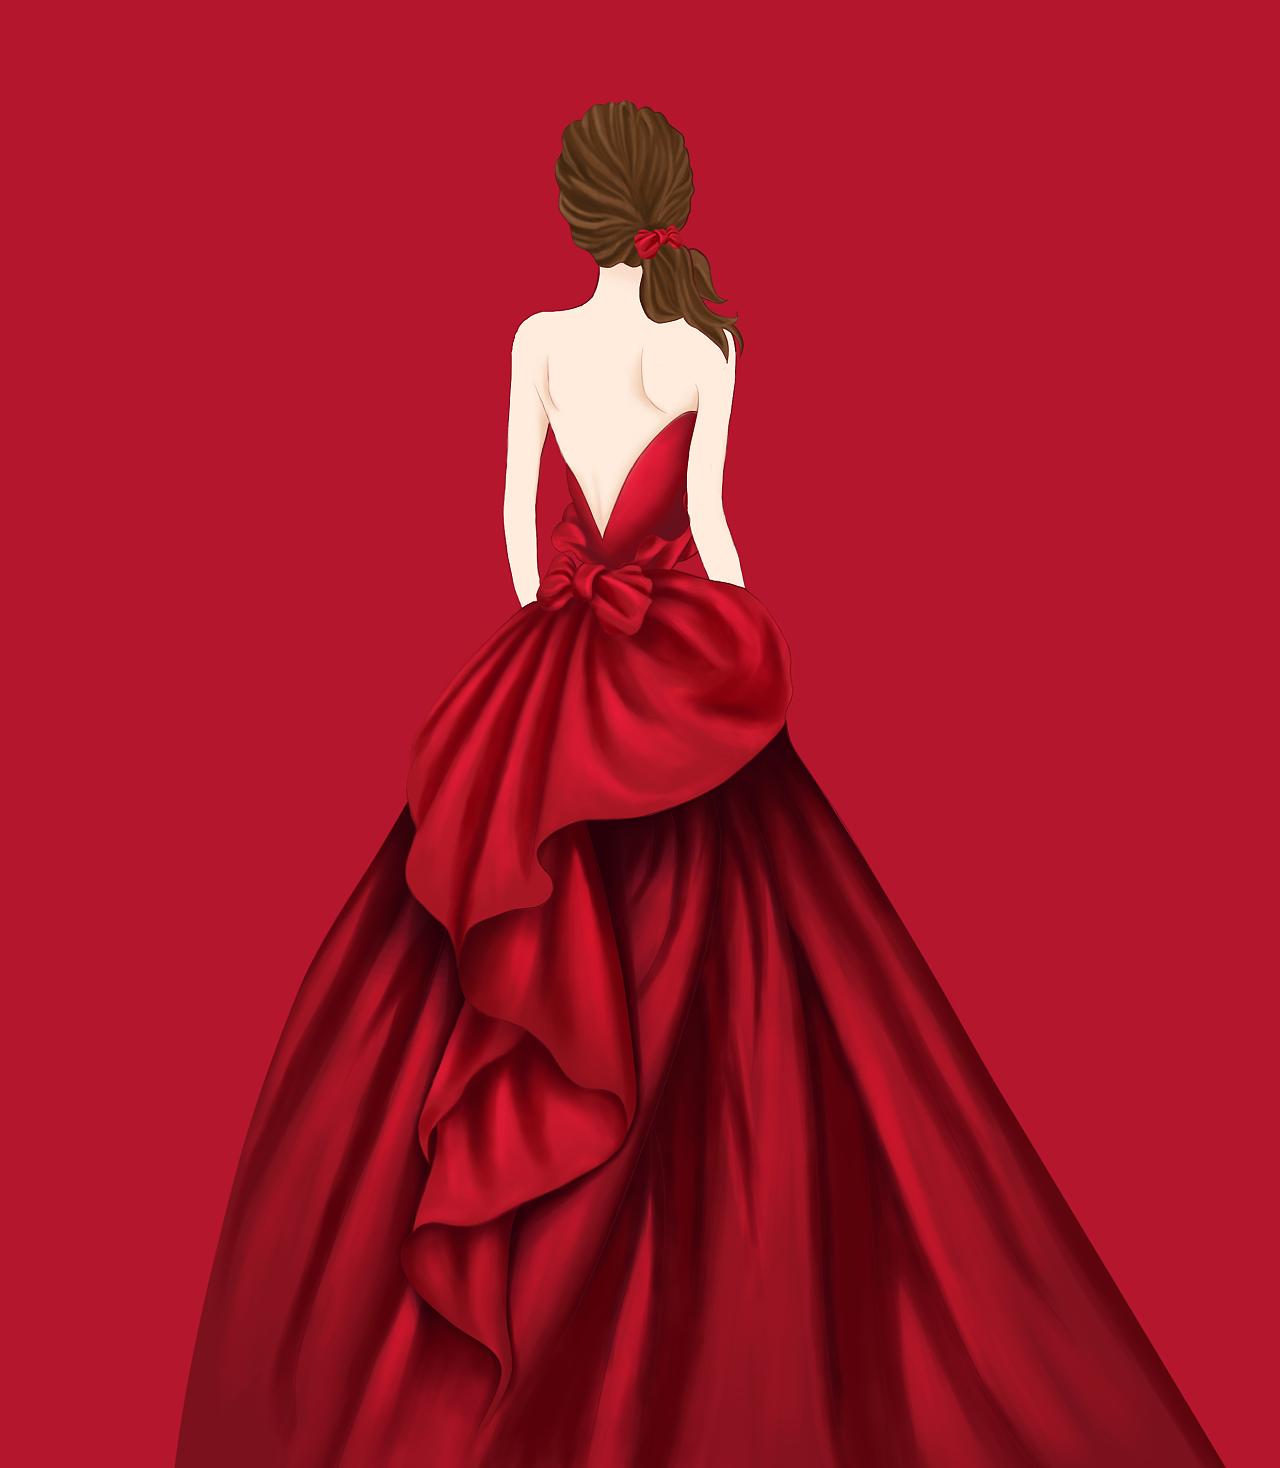 婚纱背影手绘